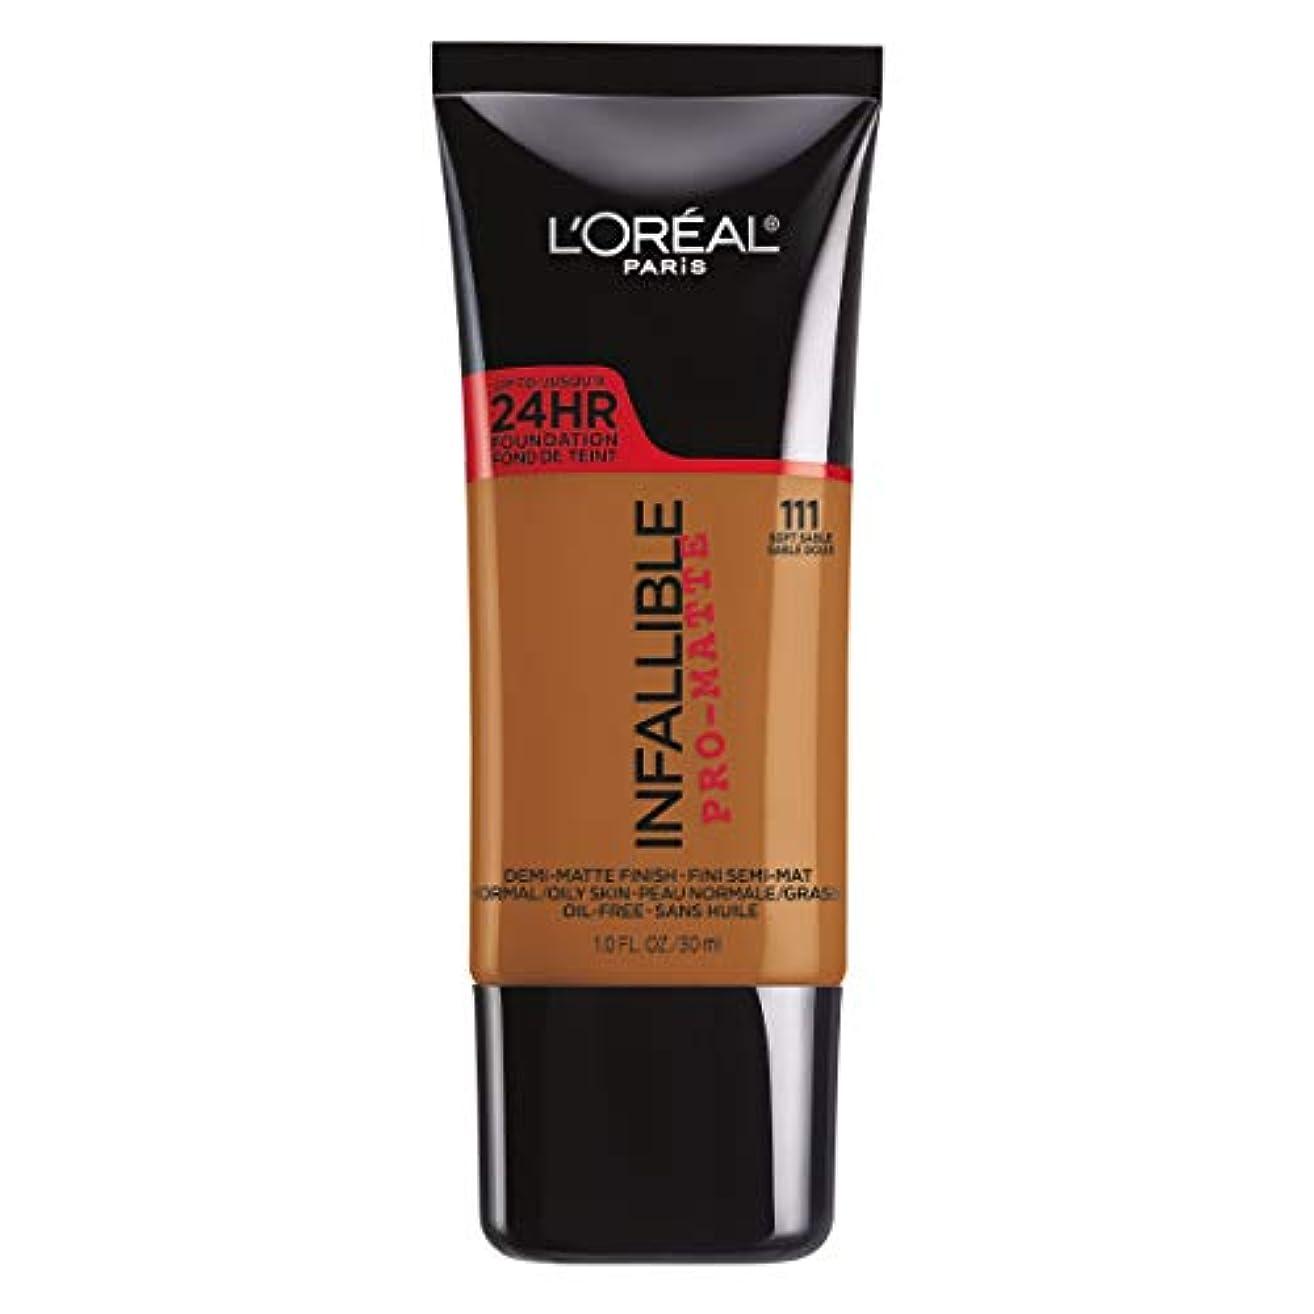 ハンドブッククリックスープL'Oreal Paris Infallible Pro-Matte Foundation Makeup, 111 Soft Sable, 1 fl. oz[並行輸入品]